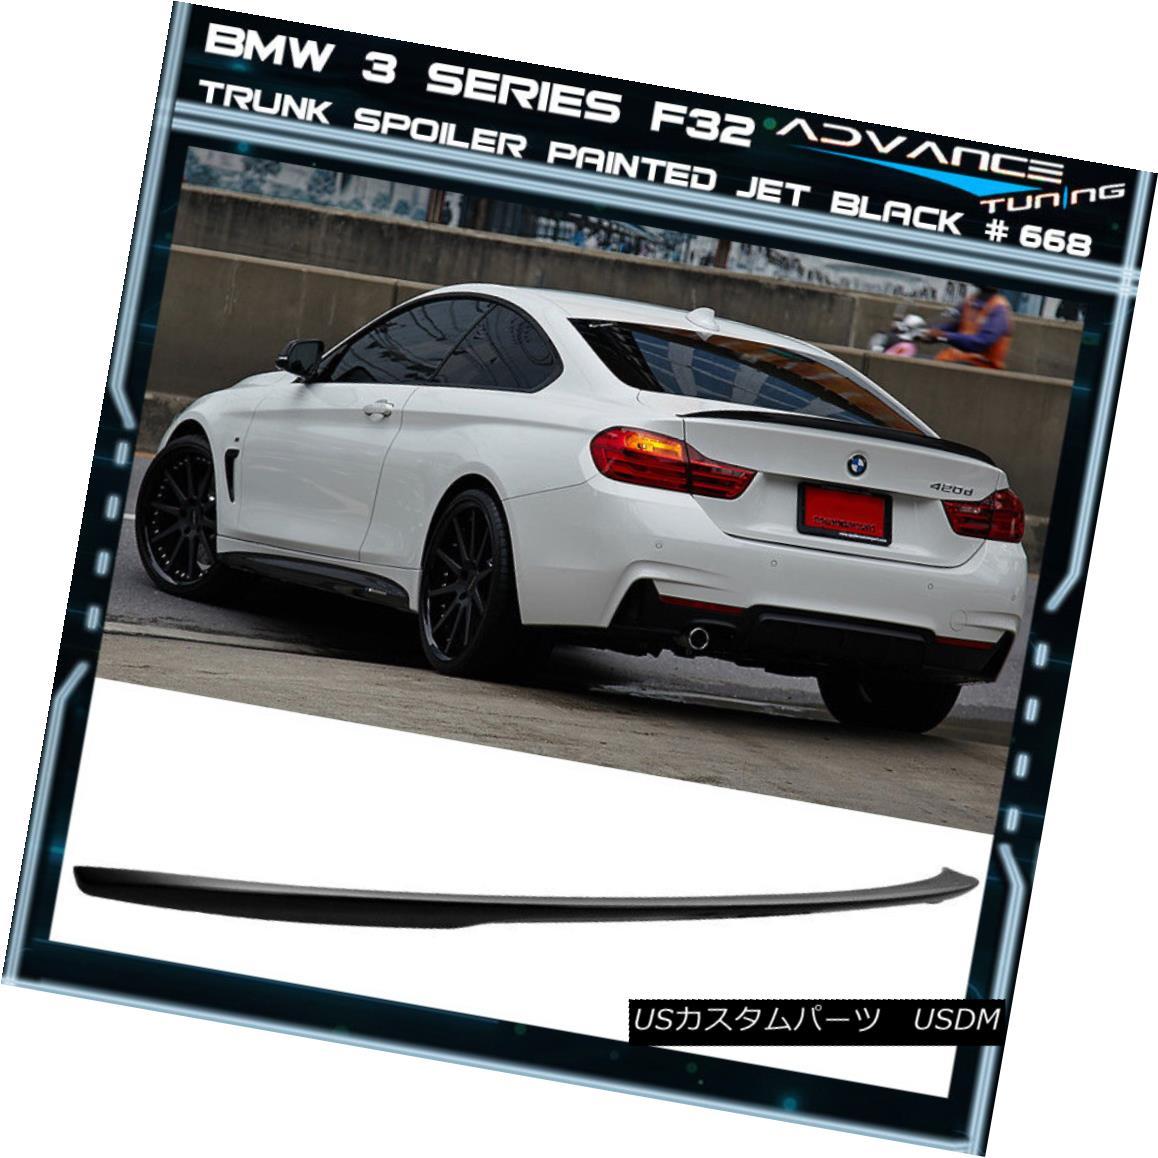 エアロパーツ 14-17 BMW 3 Series F32 P Style Trunk Spoiler OEM Painted Color Jet Black #668 14-17 BMW 3シリーズF32 PスタイルトランクスポイラーOEM塗装カラージェットブラック#668